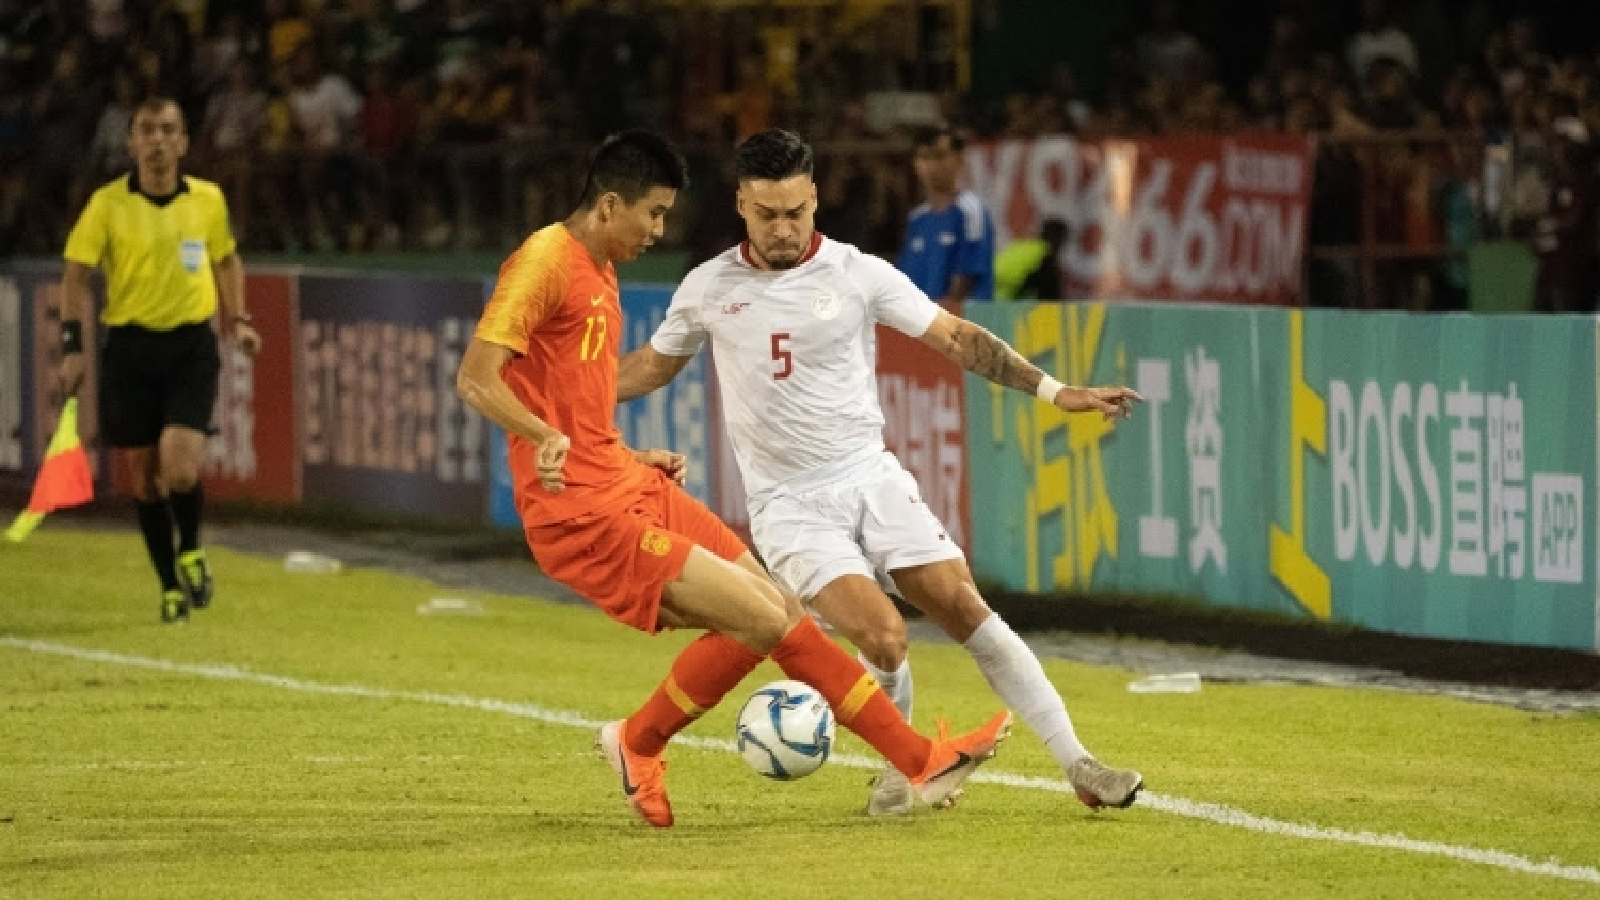 ĐT Philippines quyết thắng Trung Quốc để vào vòng loại thứ 3 World Cup 2022